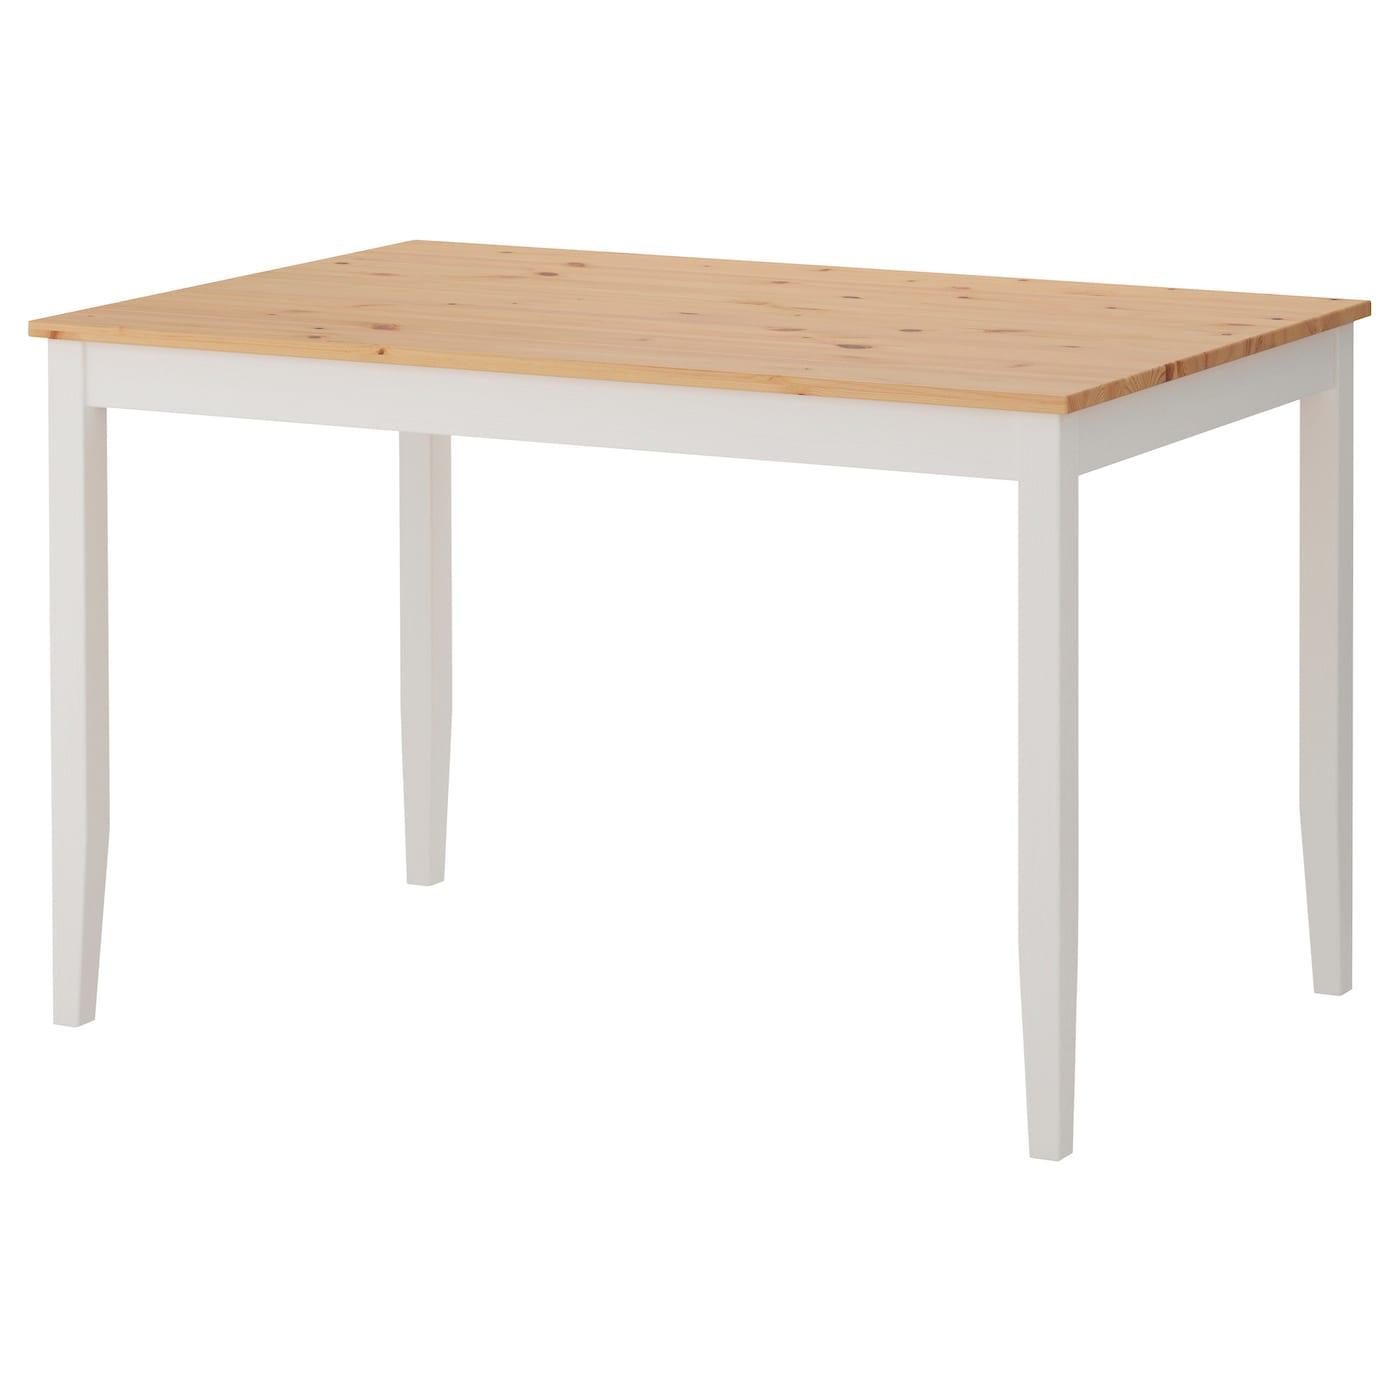 LERHAMN Mesa Tinte envejecido claro/tinte blanco 118 x 74 cm - IKEA